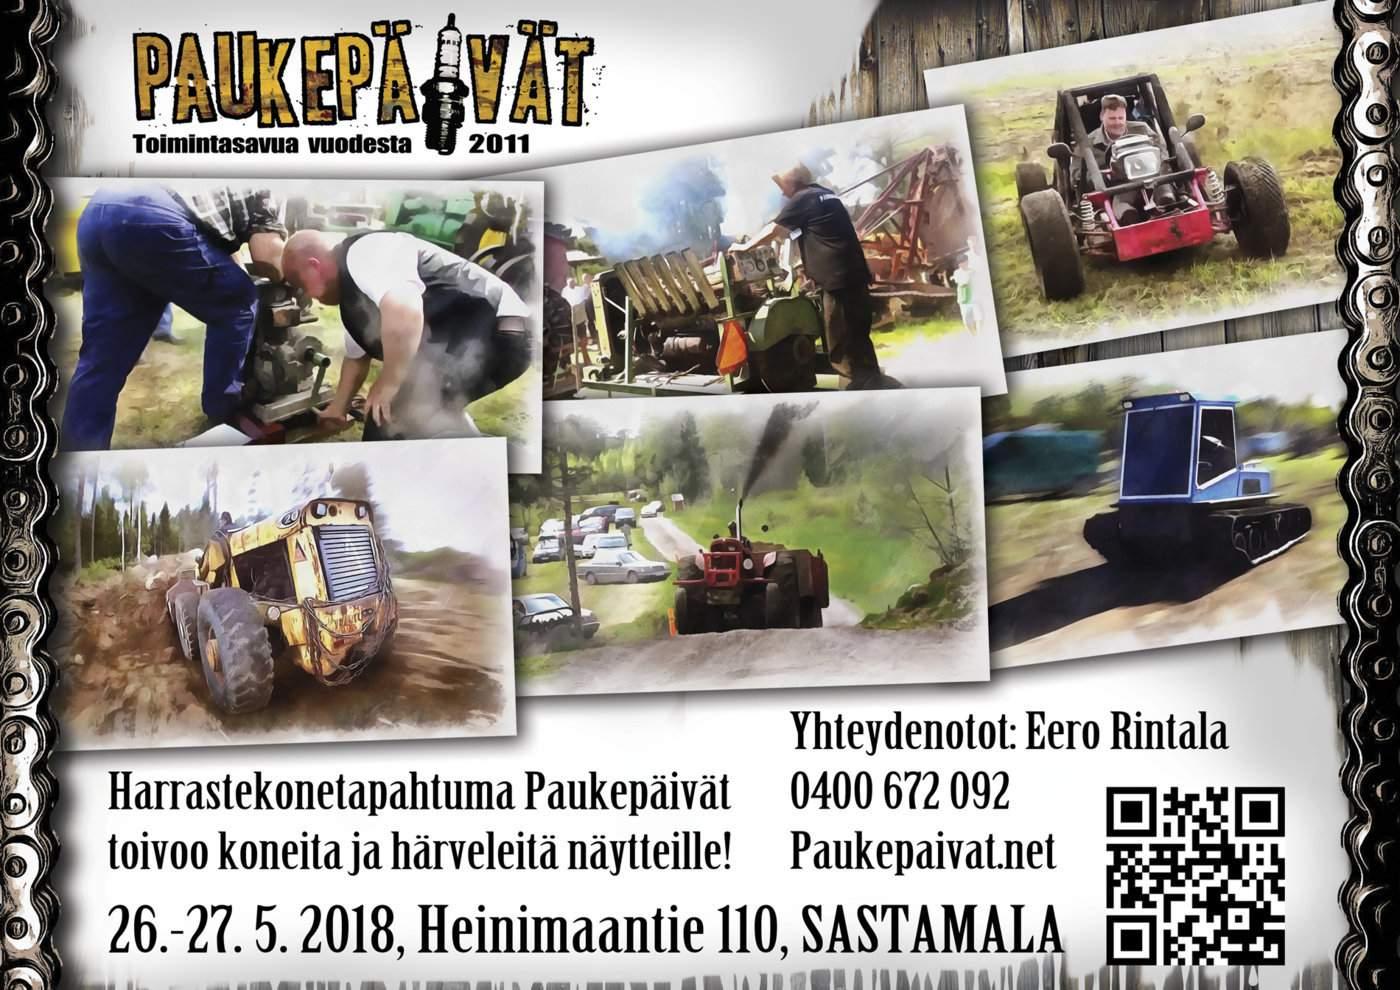 Paukepaivat_2018.jpg